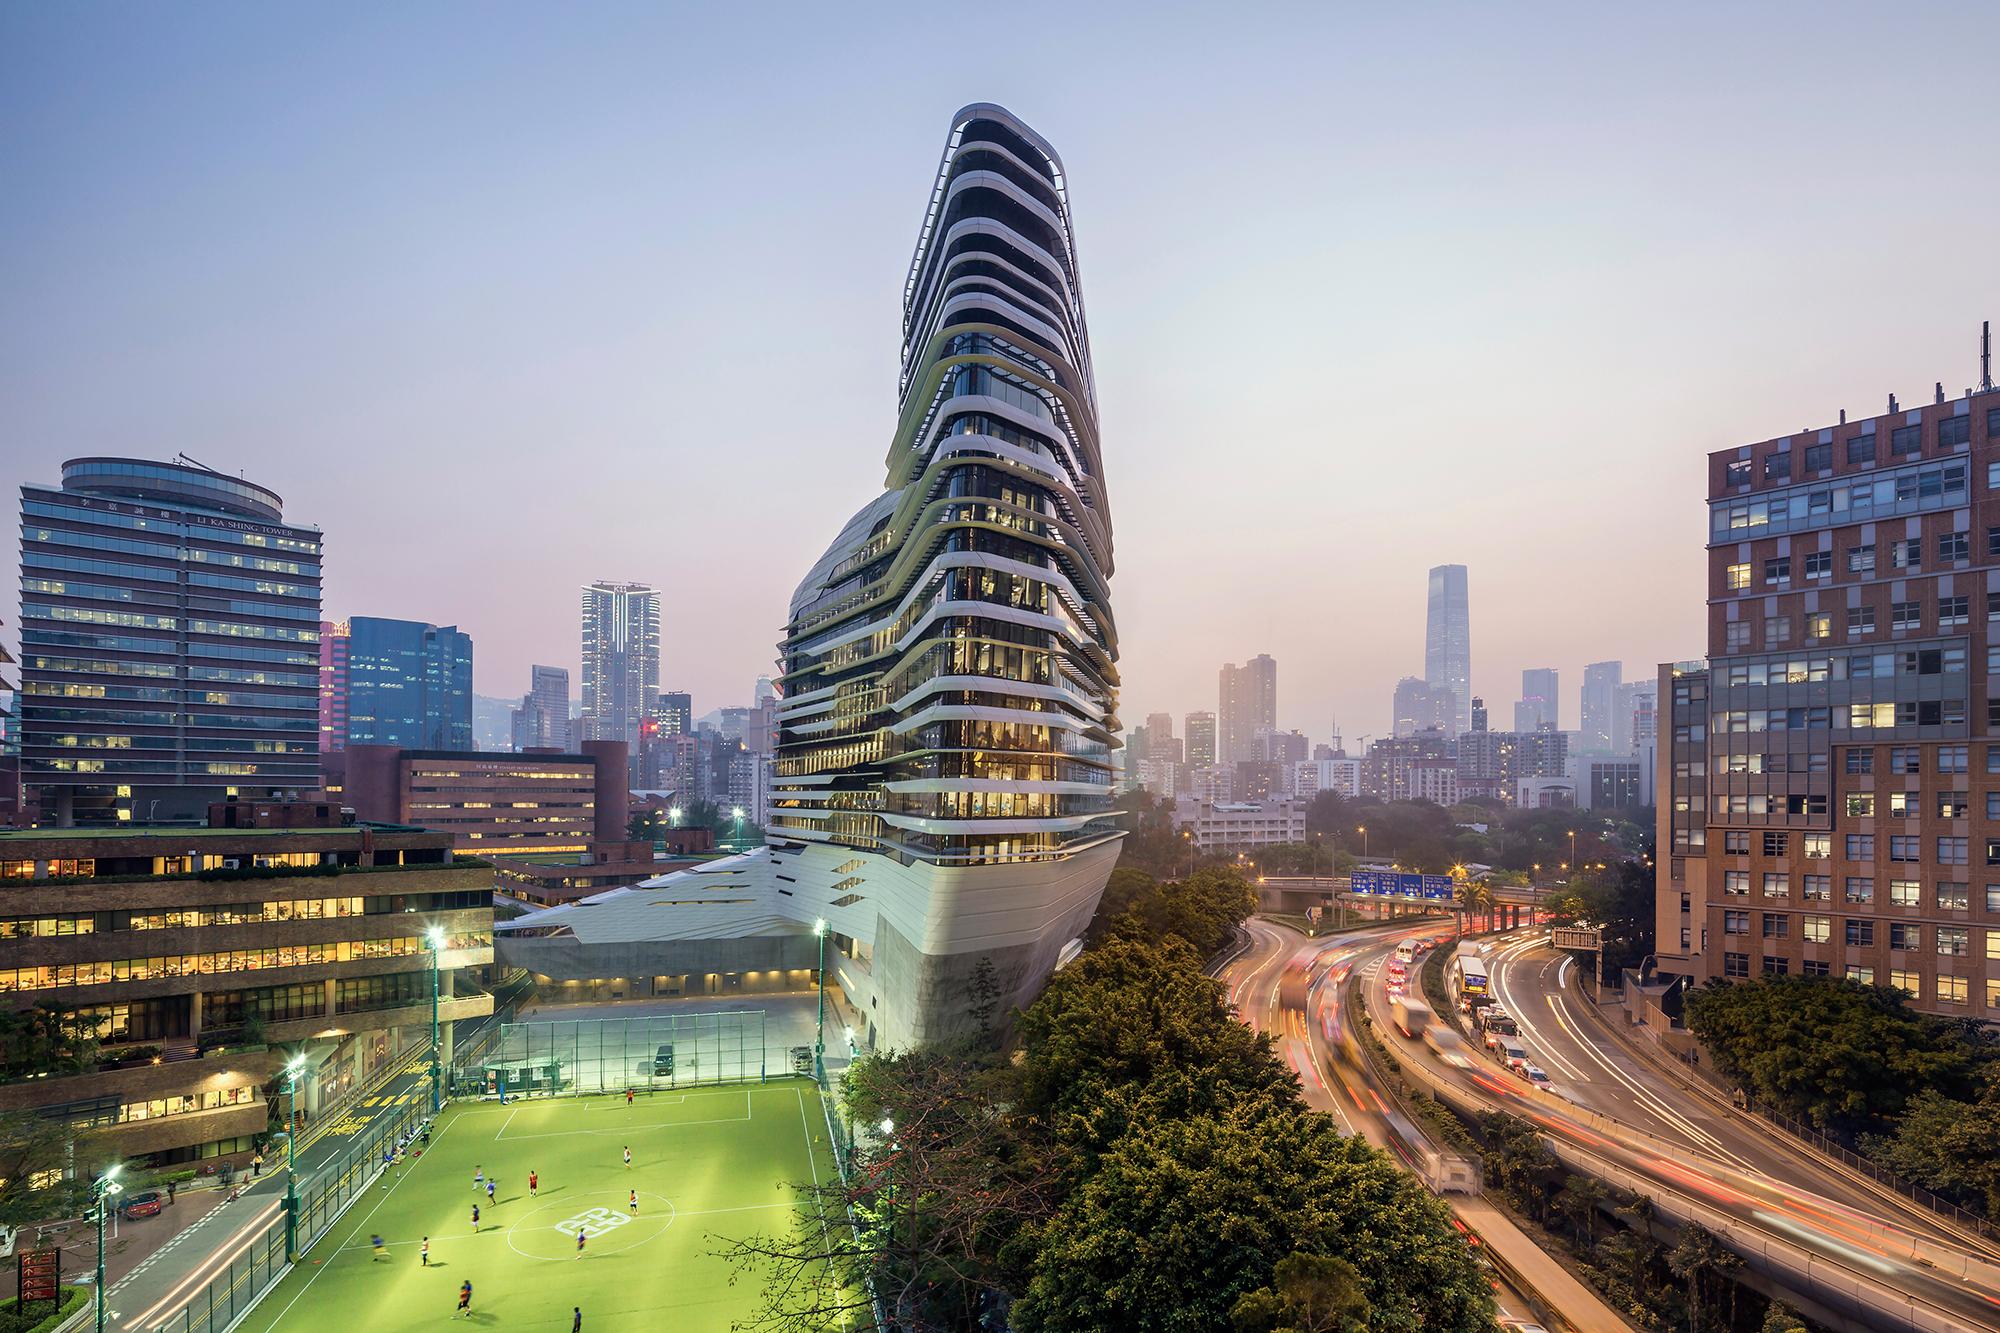 Jockey Club Innovation Tower, at Hong Kong Polytechnic University in Hong Kong.